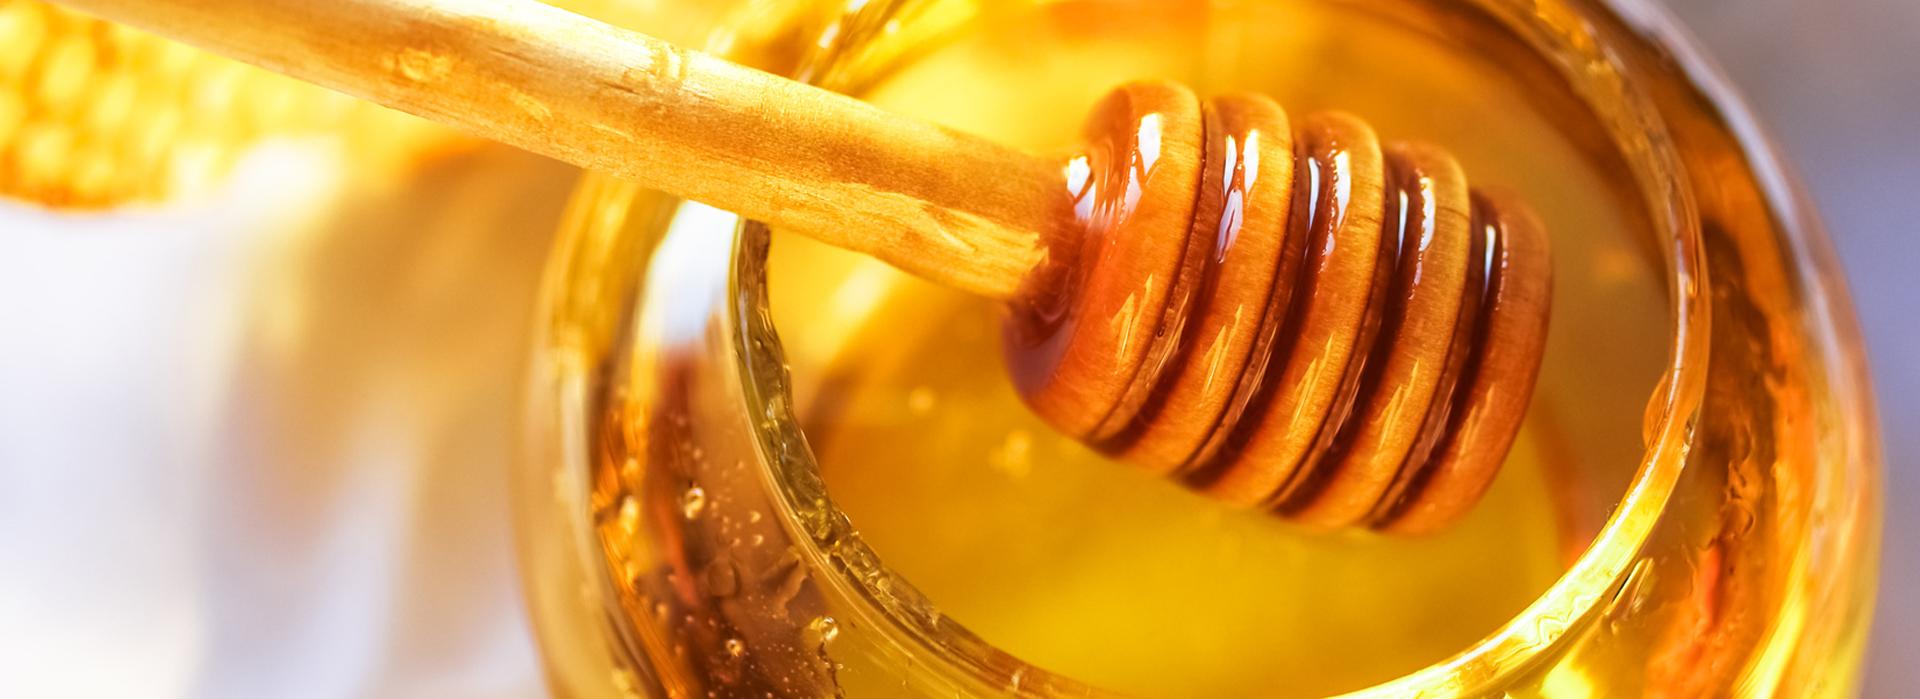 acquistare il miele artigianale di Sicilia